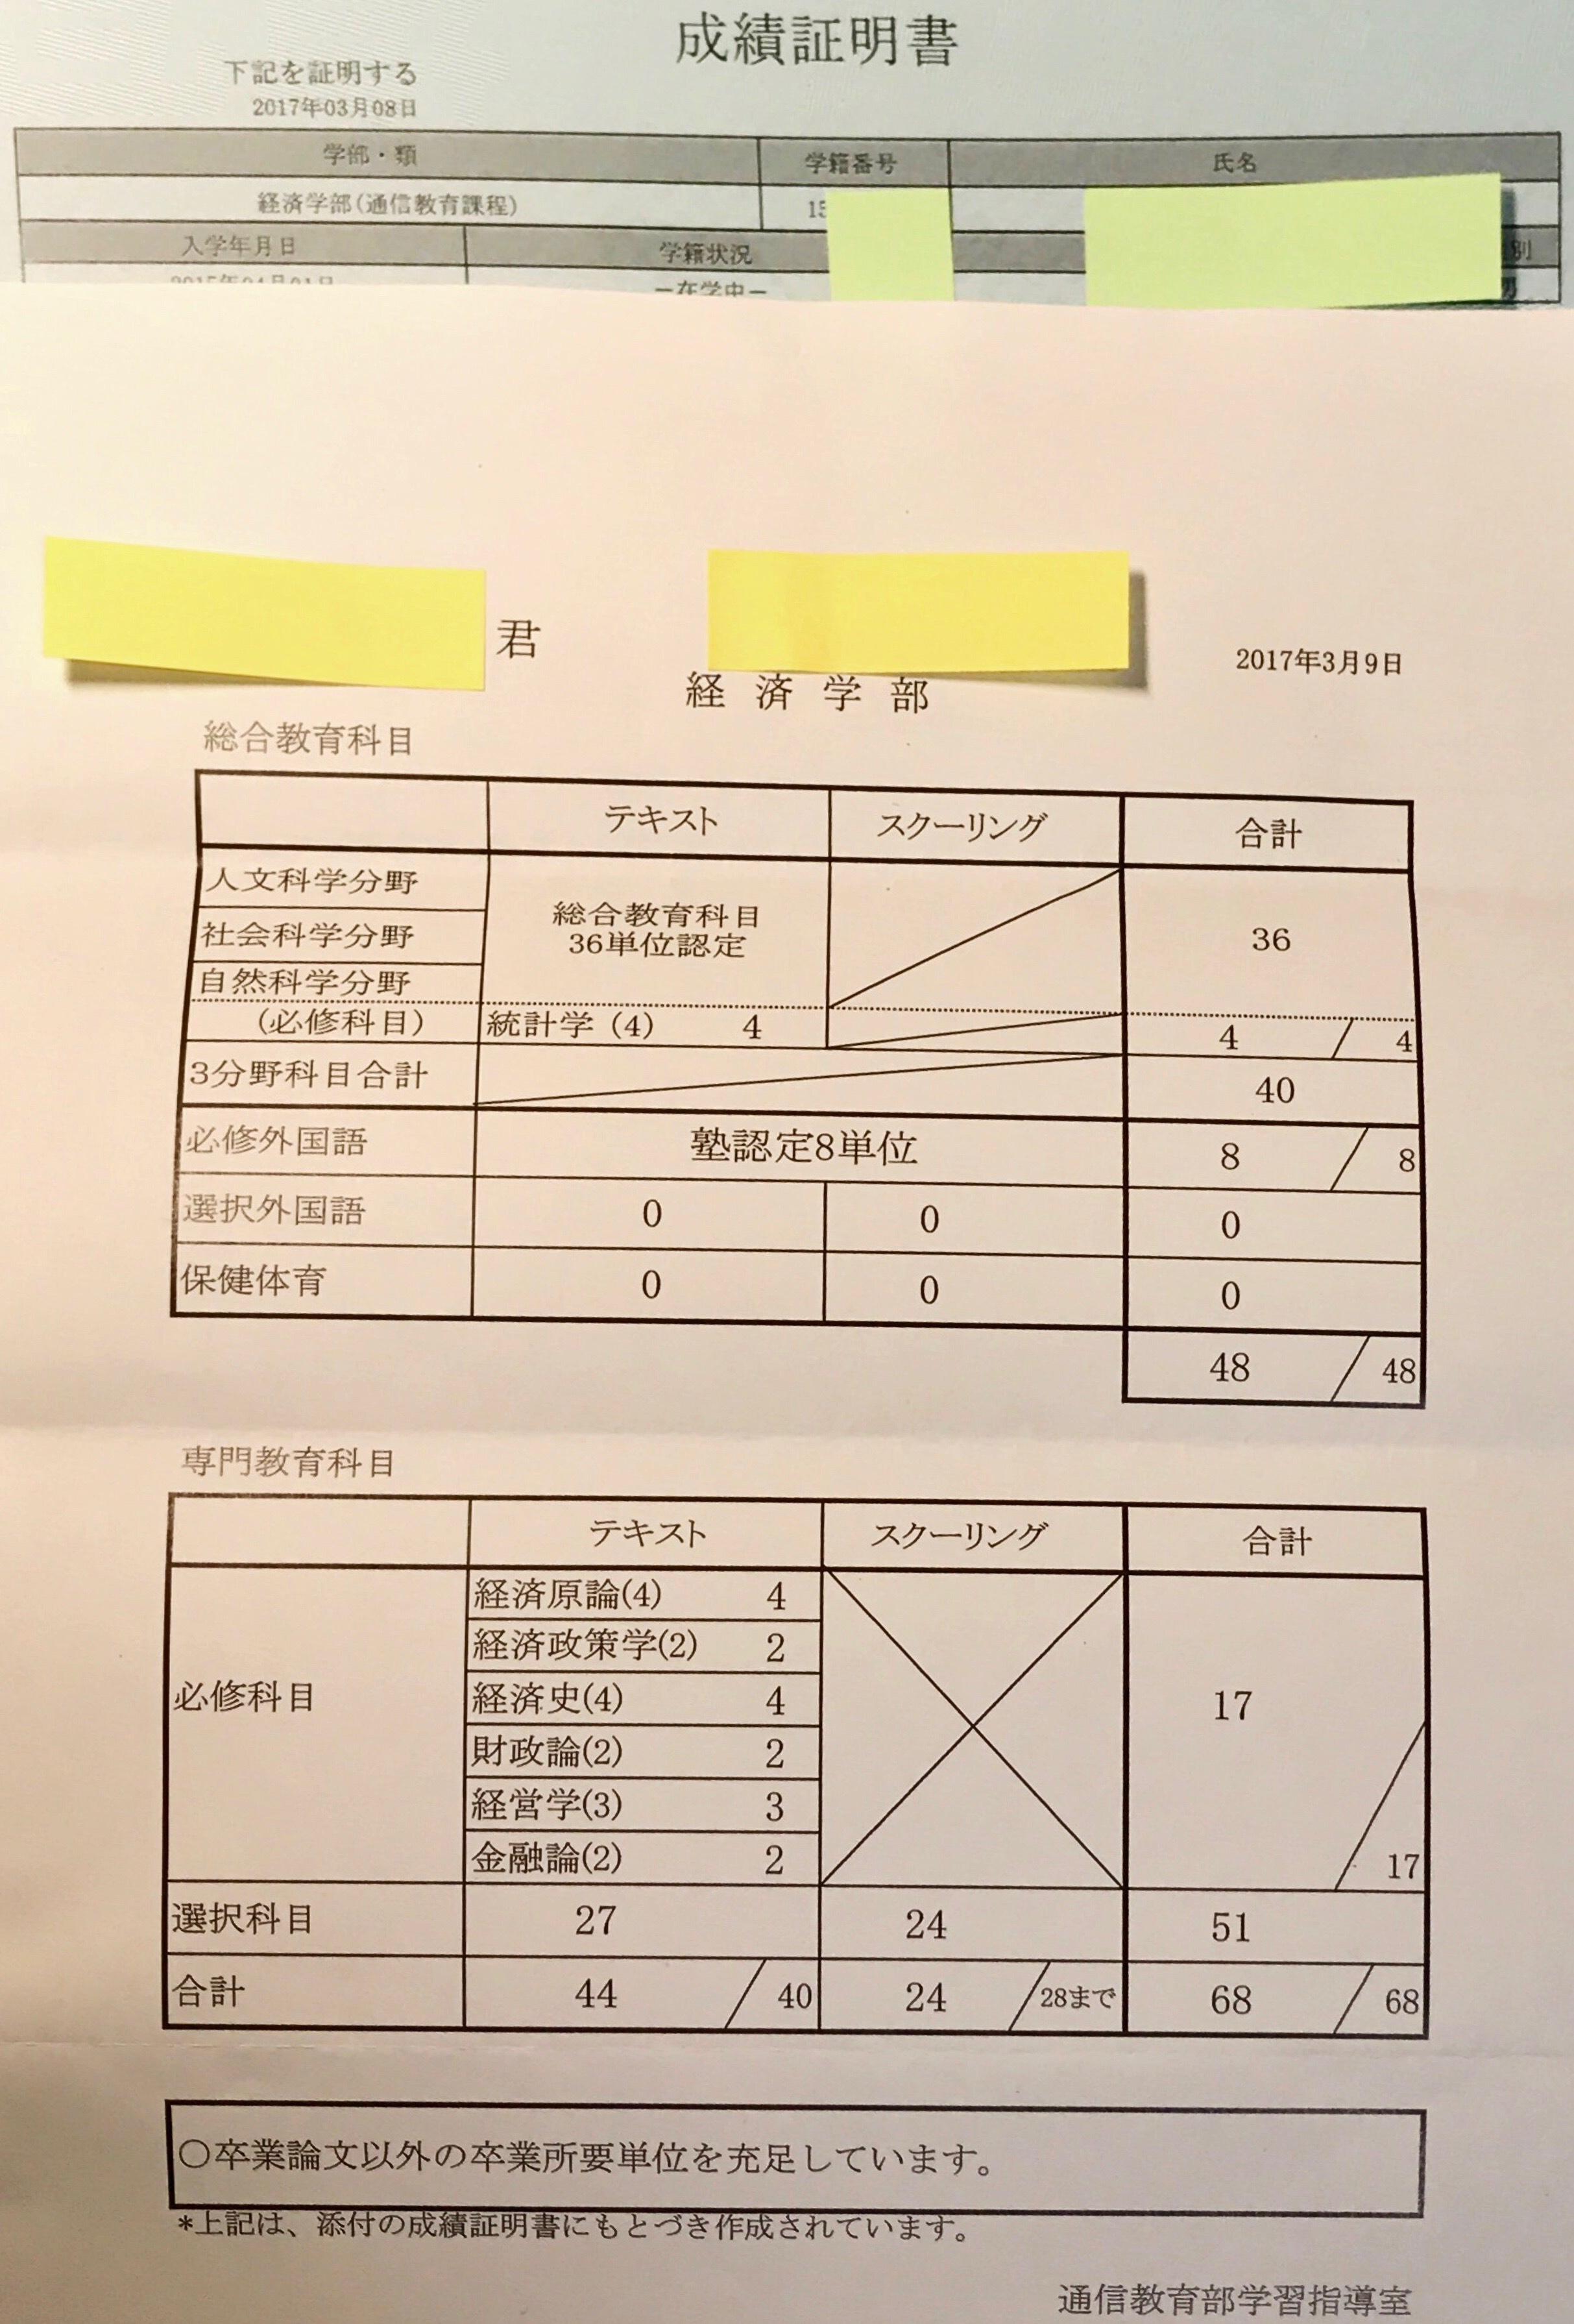 201703成績証明書